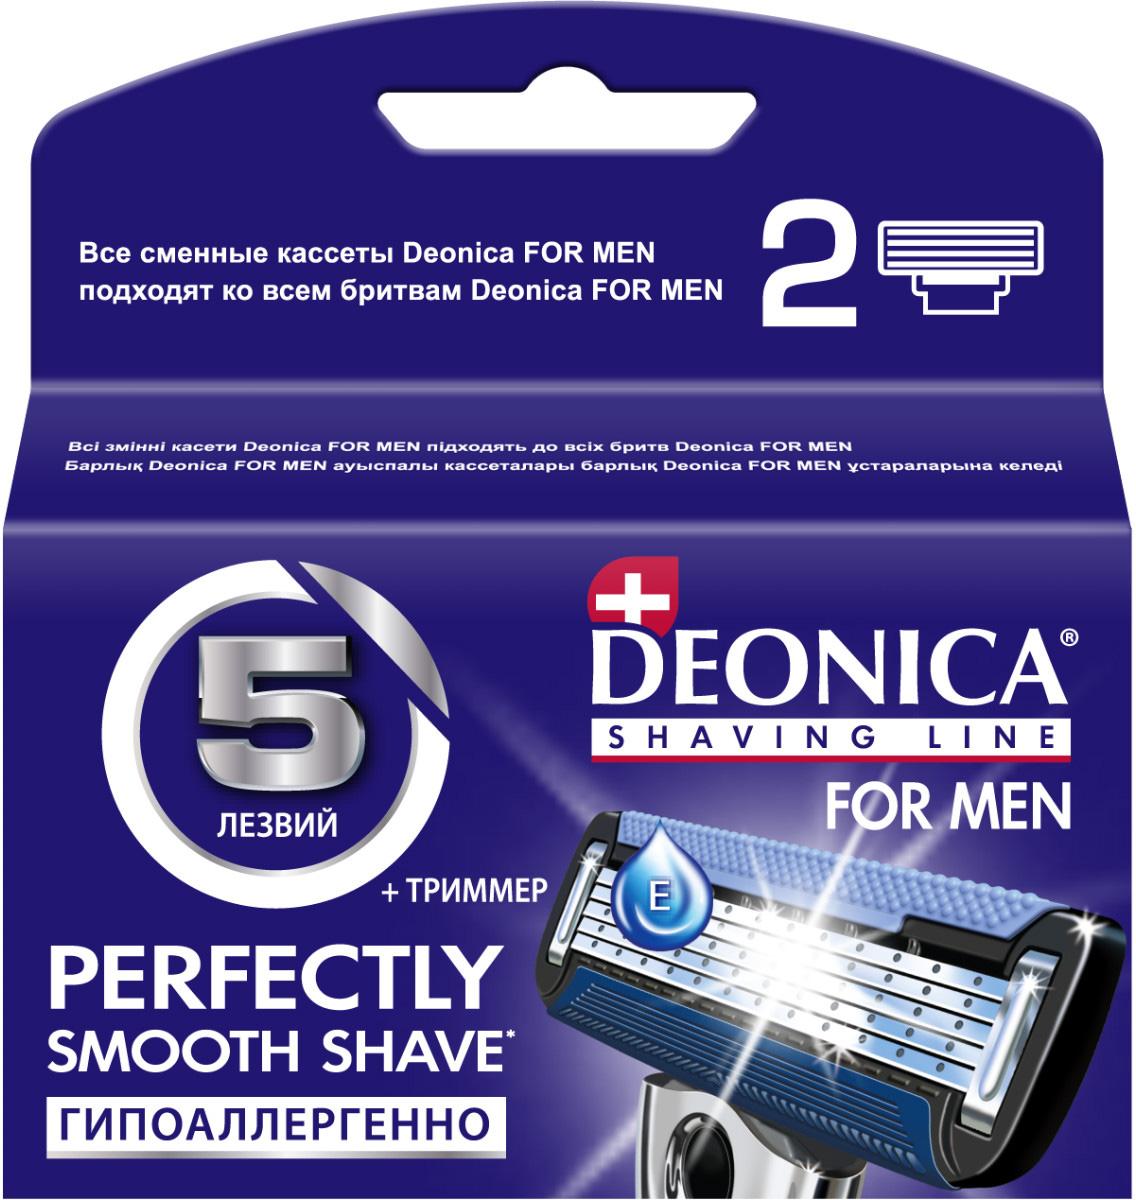 Сменные кассеты для бритья Deonica 5 тонких лезвий с керамическим покрытием США for MEN, 2 шт цена